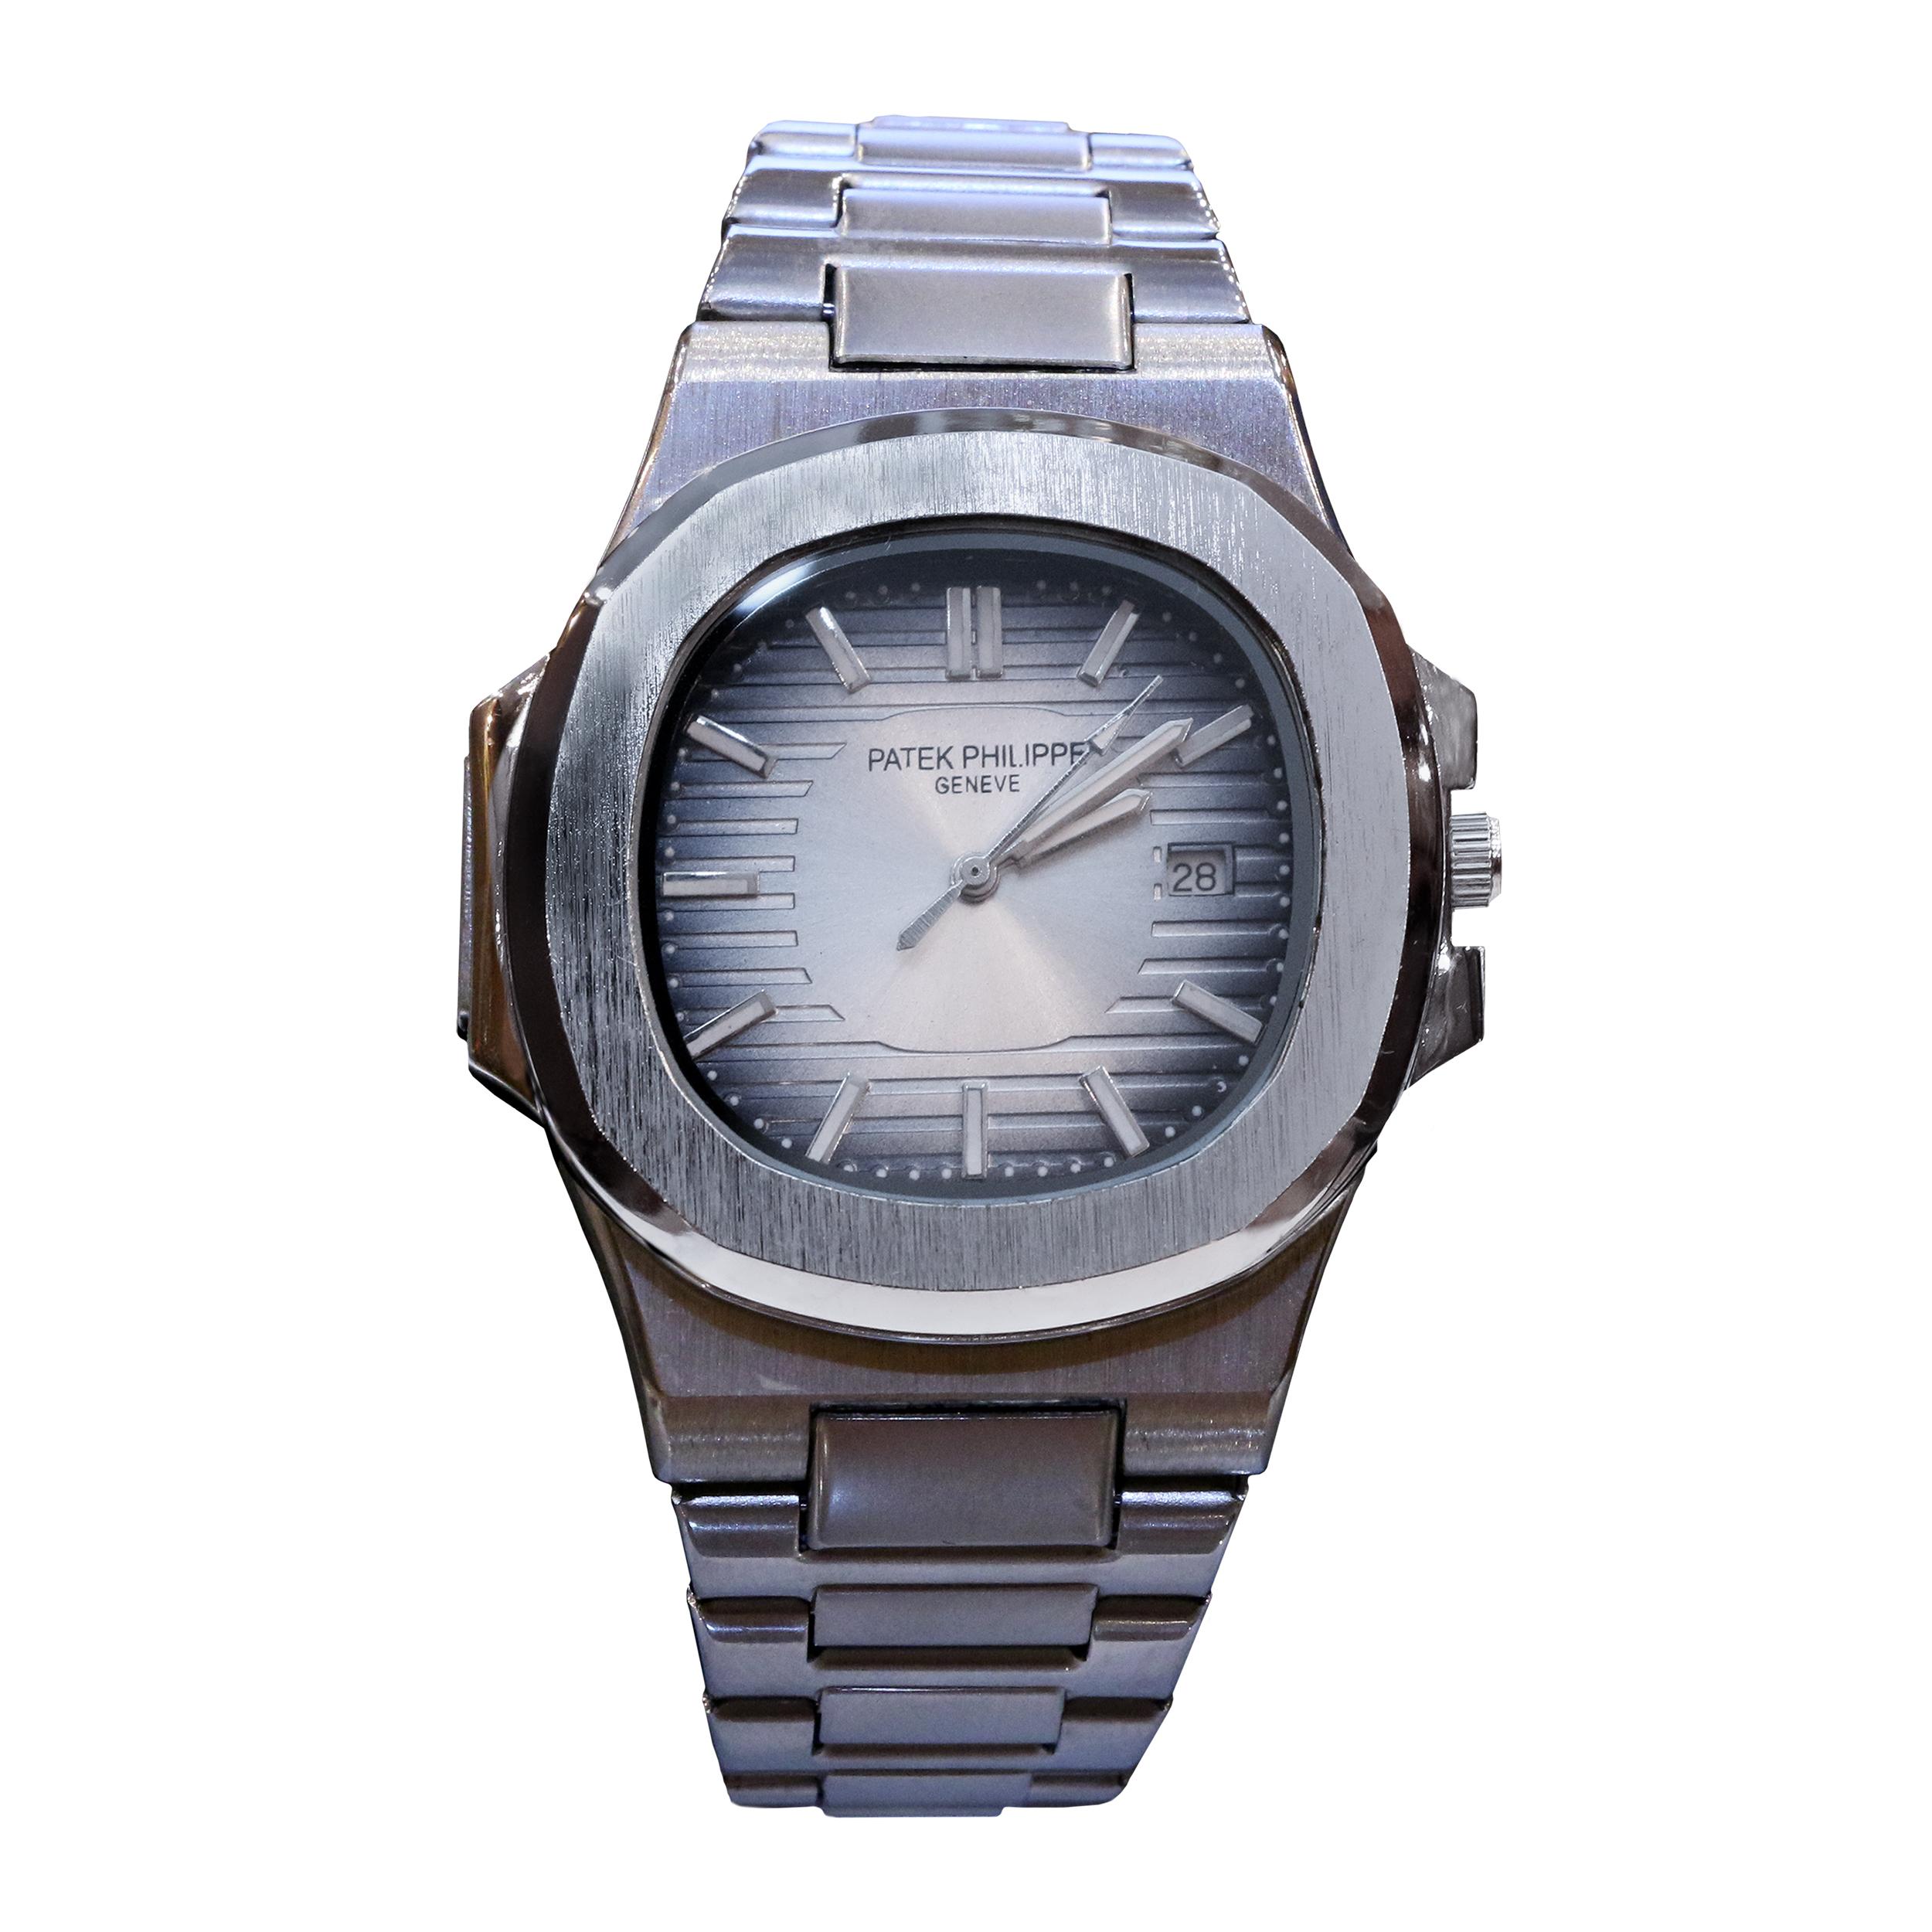 ساعت مچی عقربه ای مردانه پتک فیلیپ مدل GENEVE